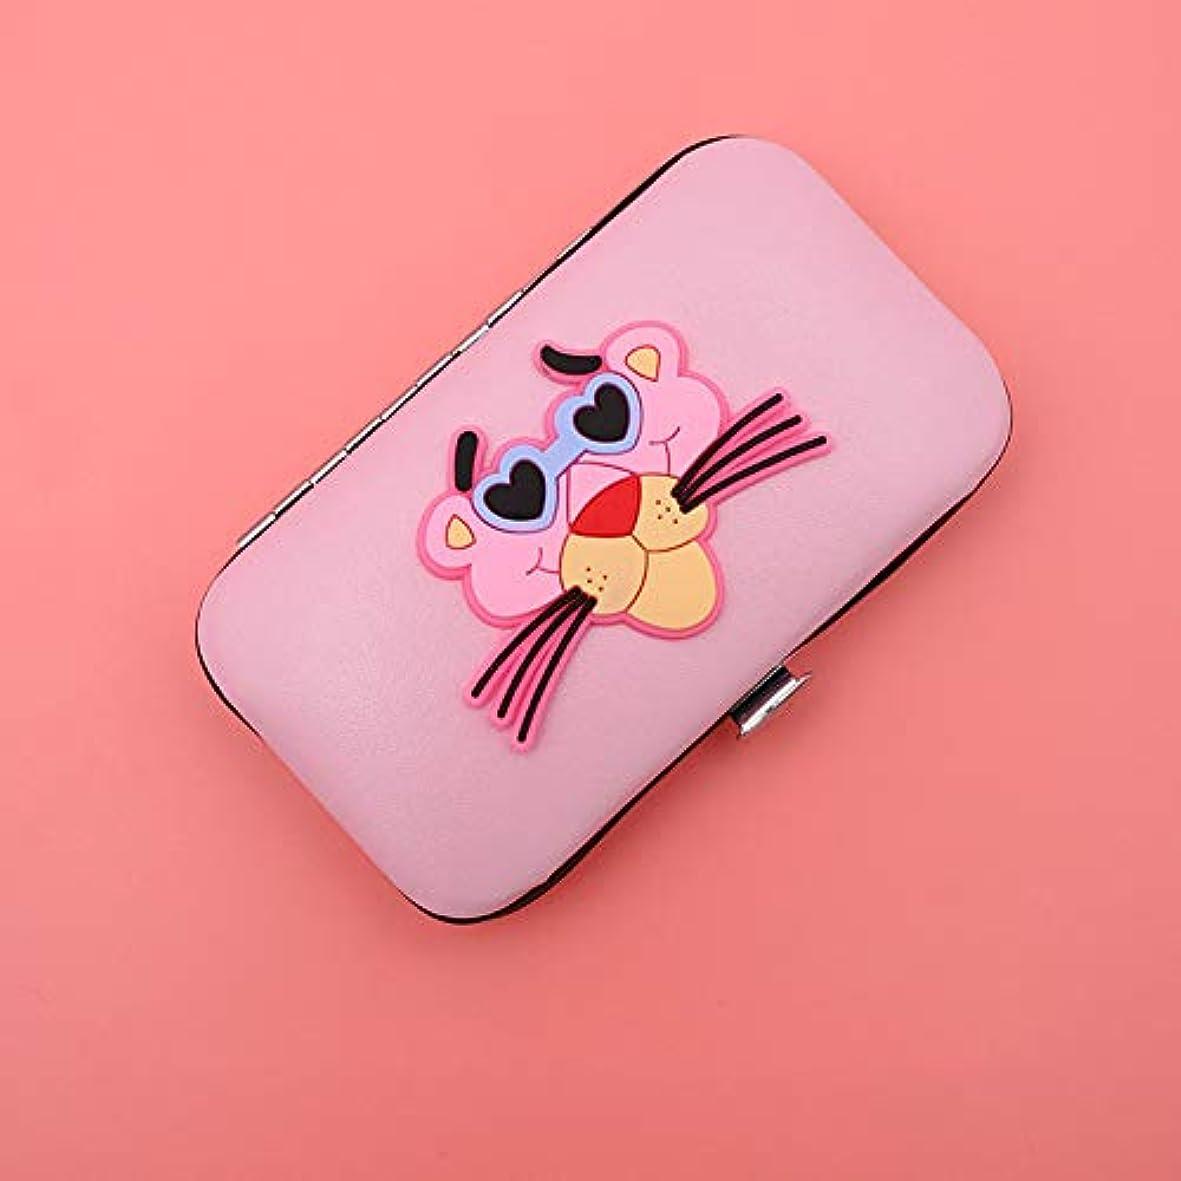 甘美な水没改善ネイルクリッパー7点セット、美容ツールセット、女の子漫画ピンクの箱入りのためのマニキュアキット(anthomaniacヒョウ)のネイル